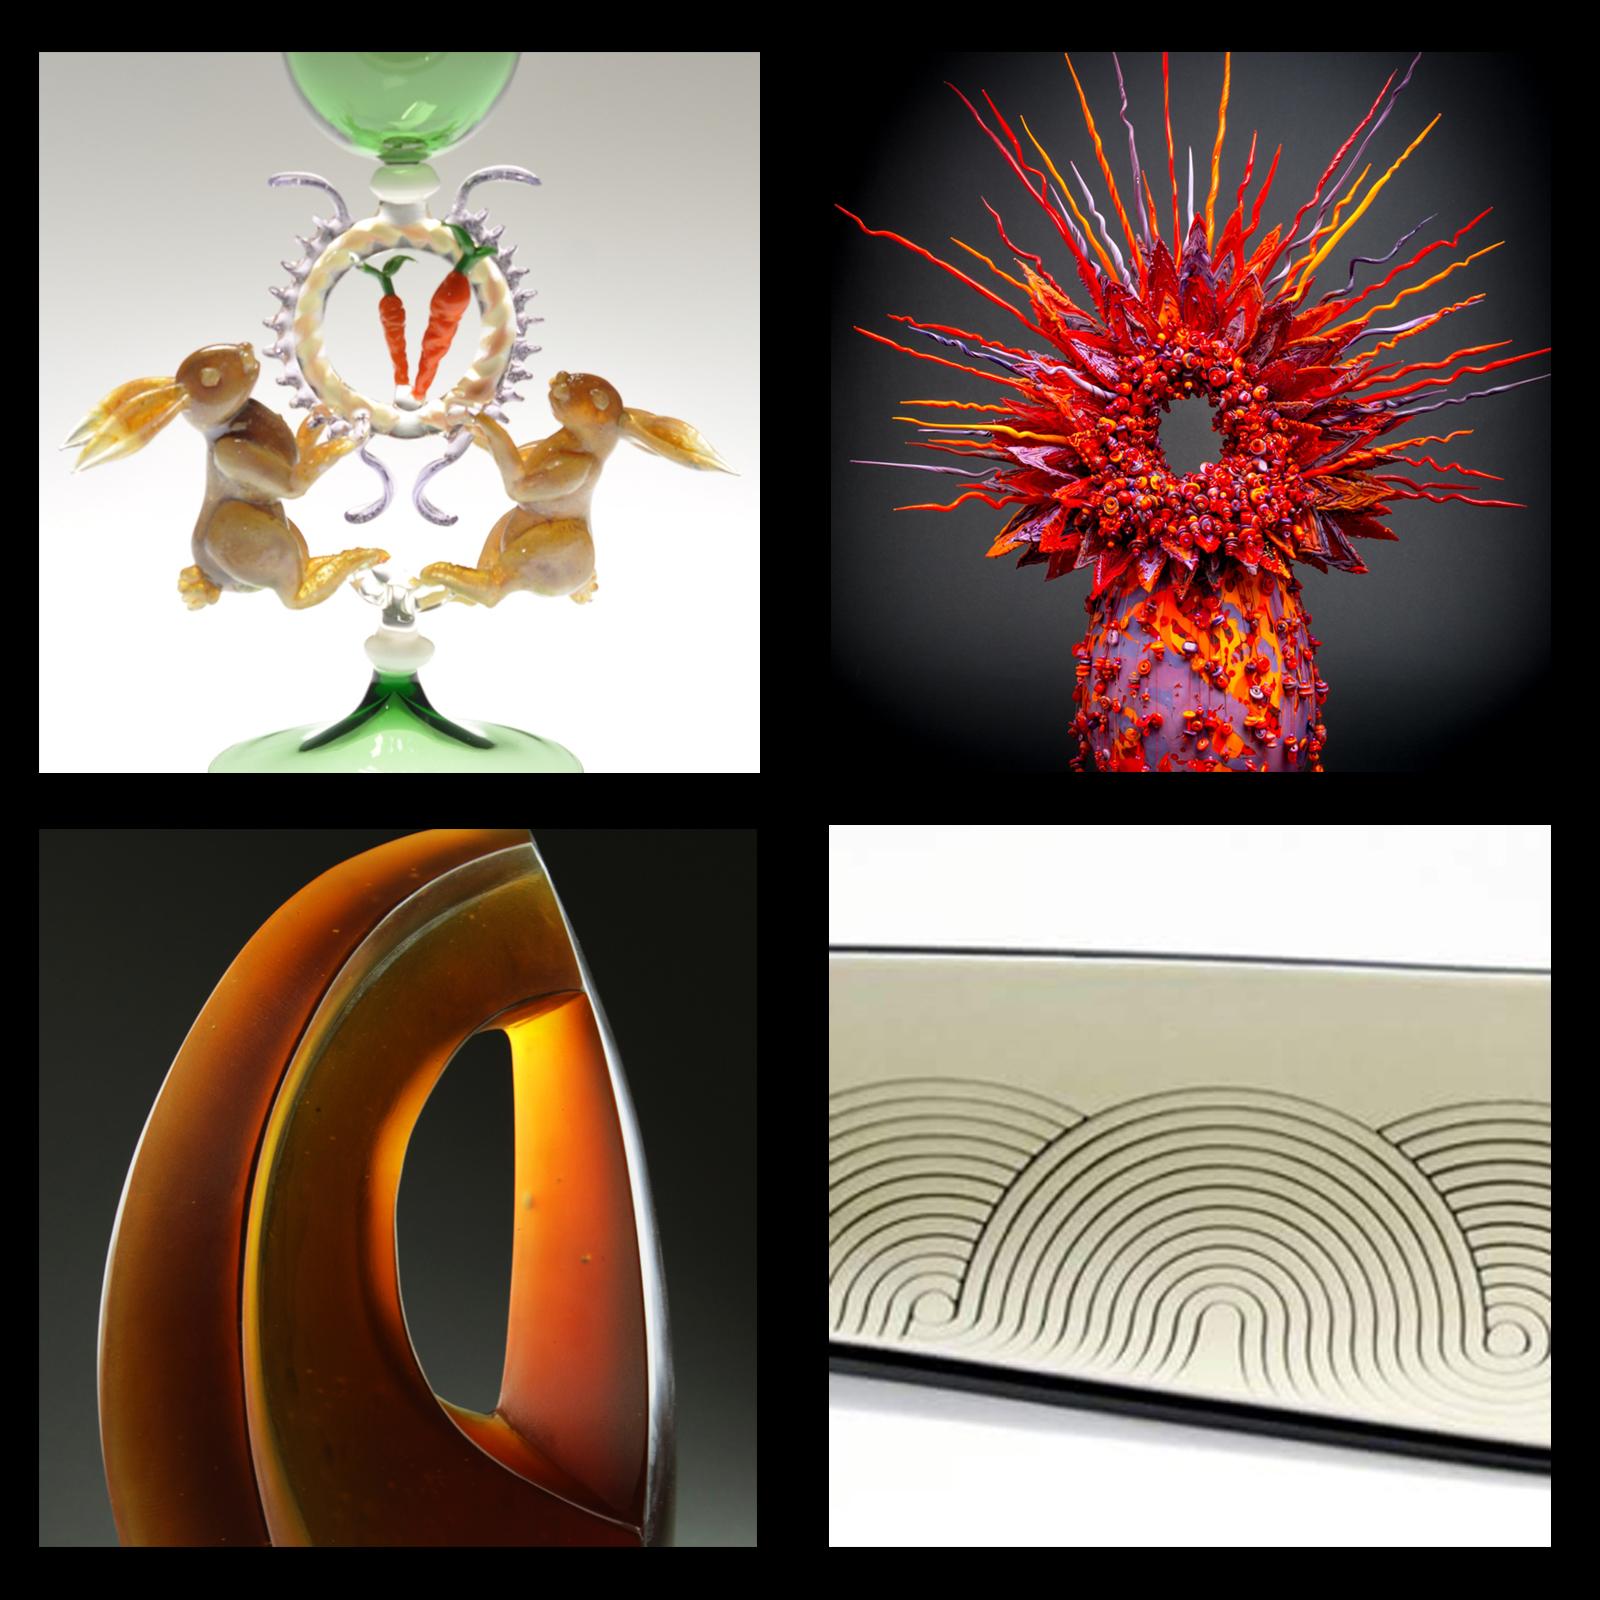 borella art design luabbraccio by rocco borella krion porcelanosa solid surface sri lankan. Black Bedroom Furniture Sets. Home Design Ideas